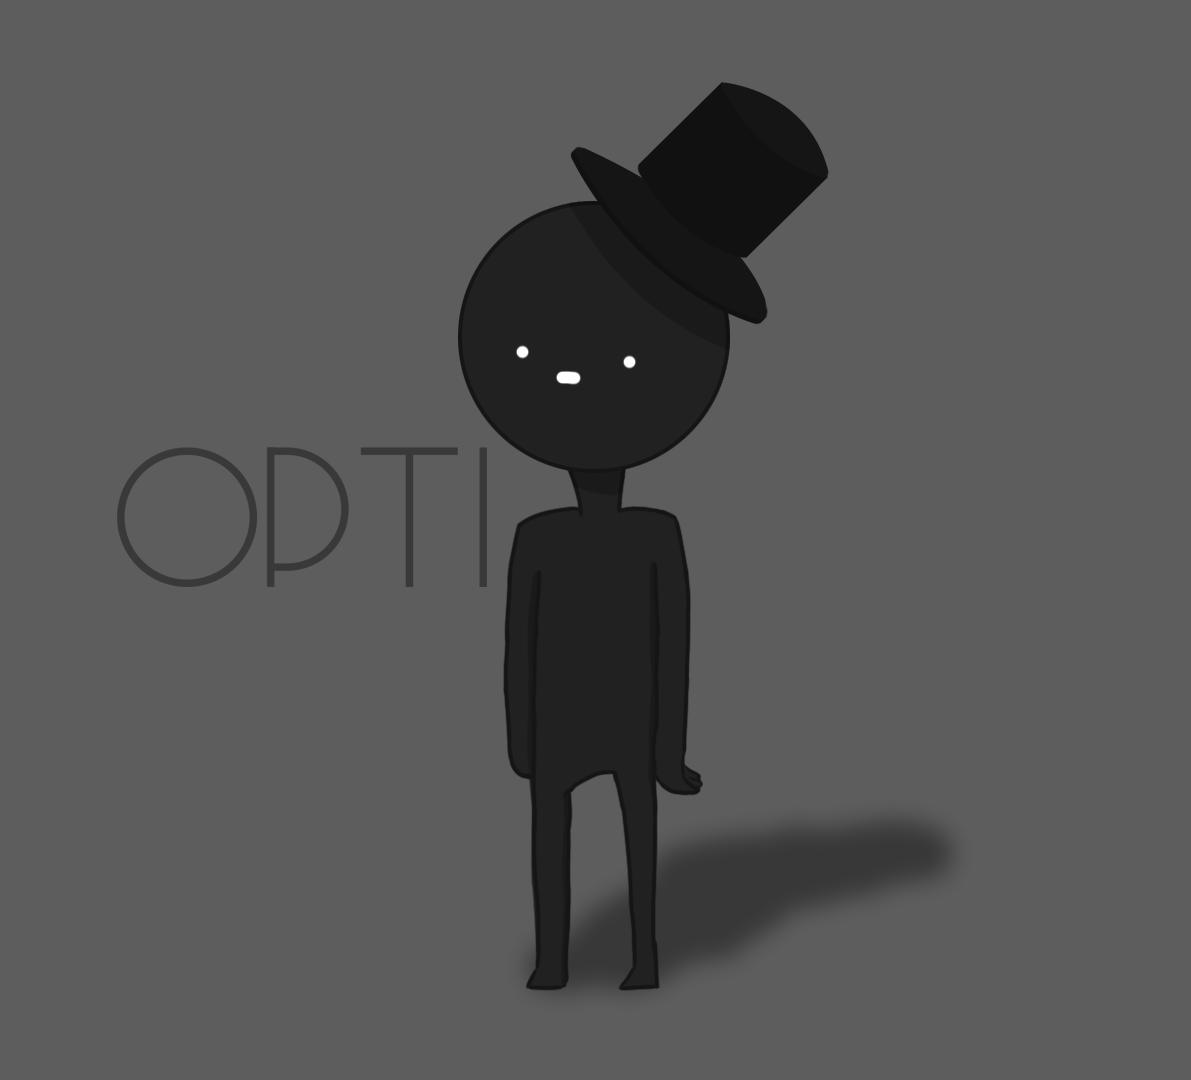 Opti (OC)